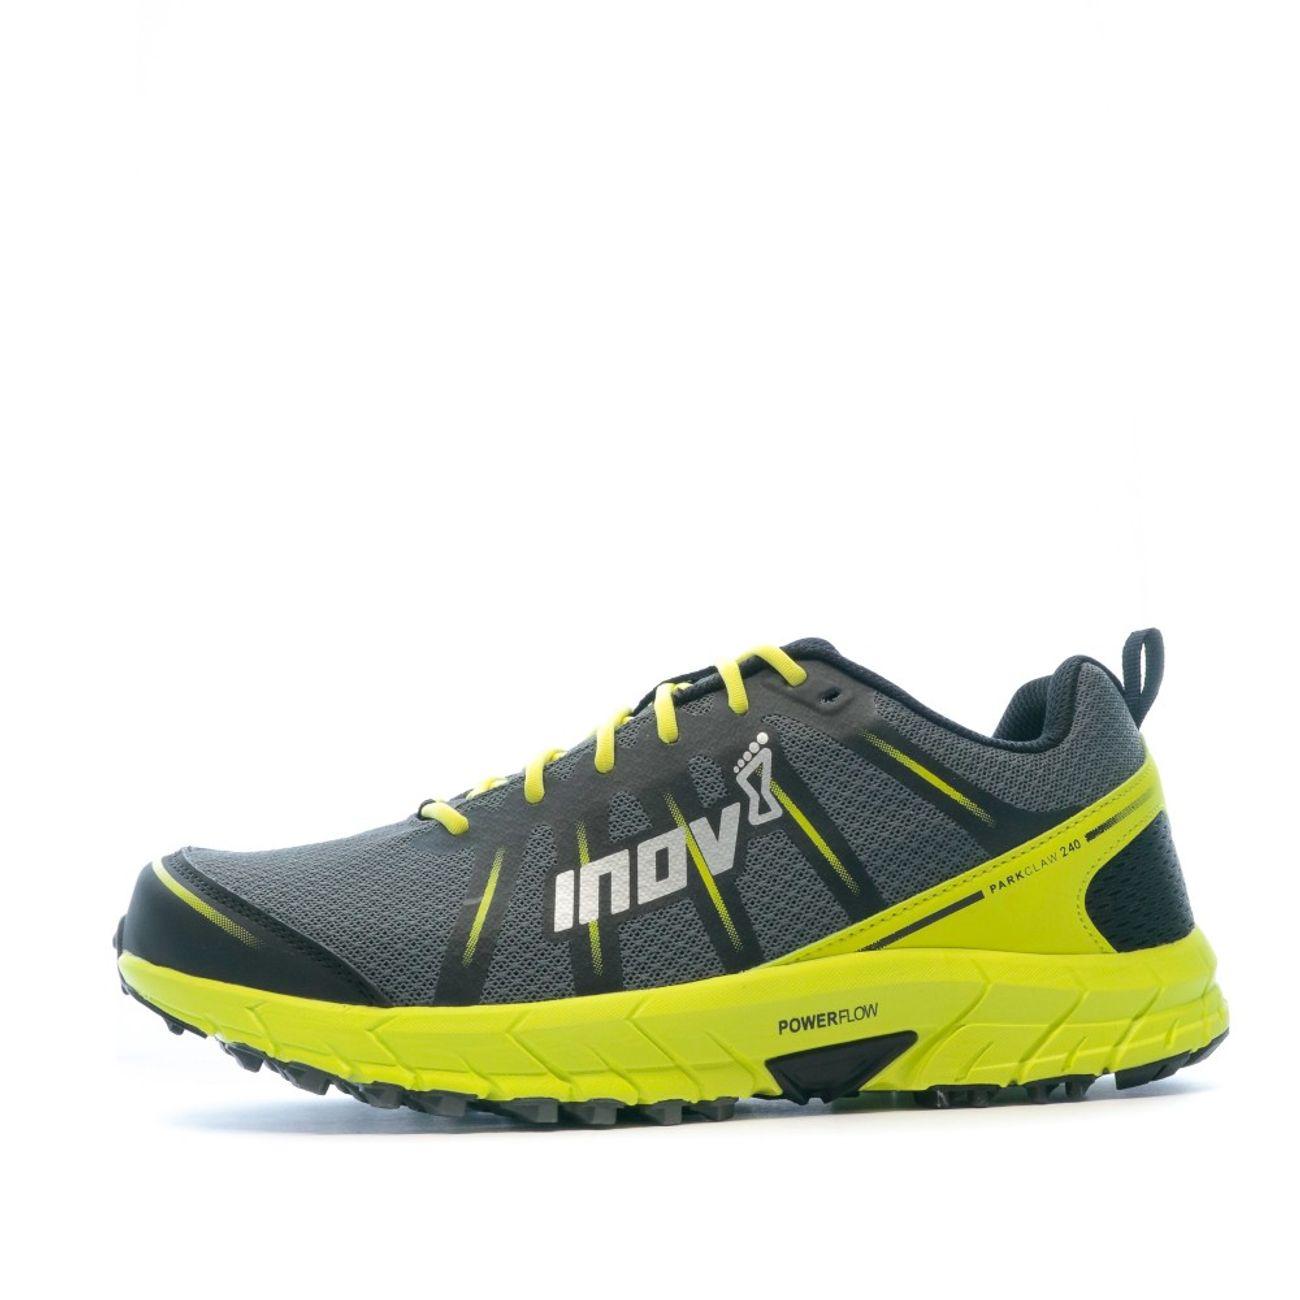 homme INOV 8 Chaussure trail Jaune noire Homme INOV parkclaw 240